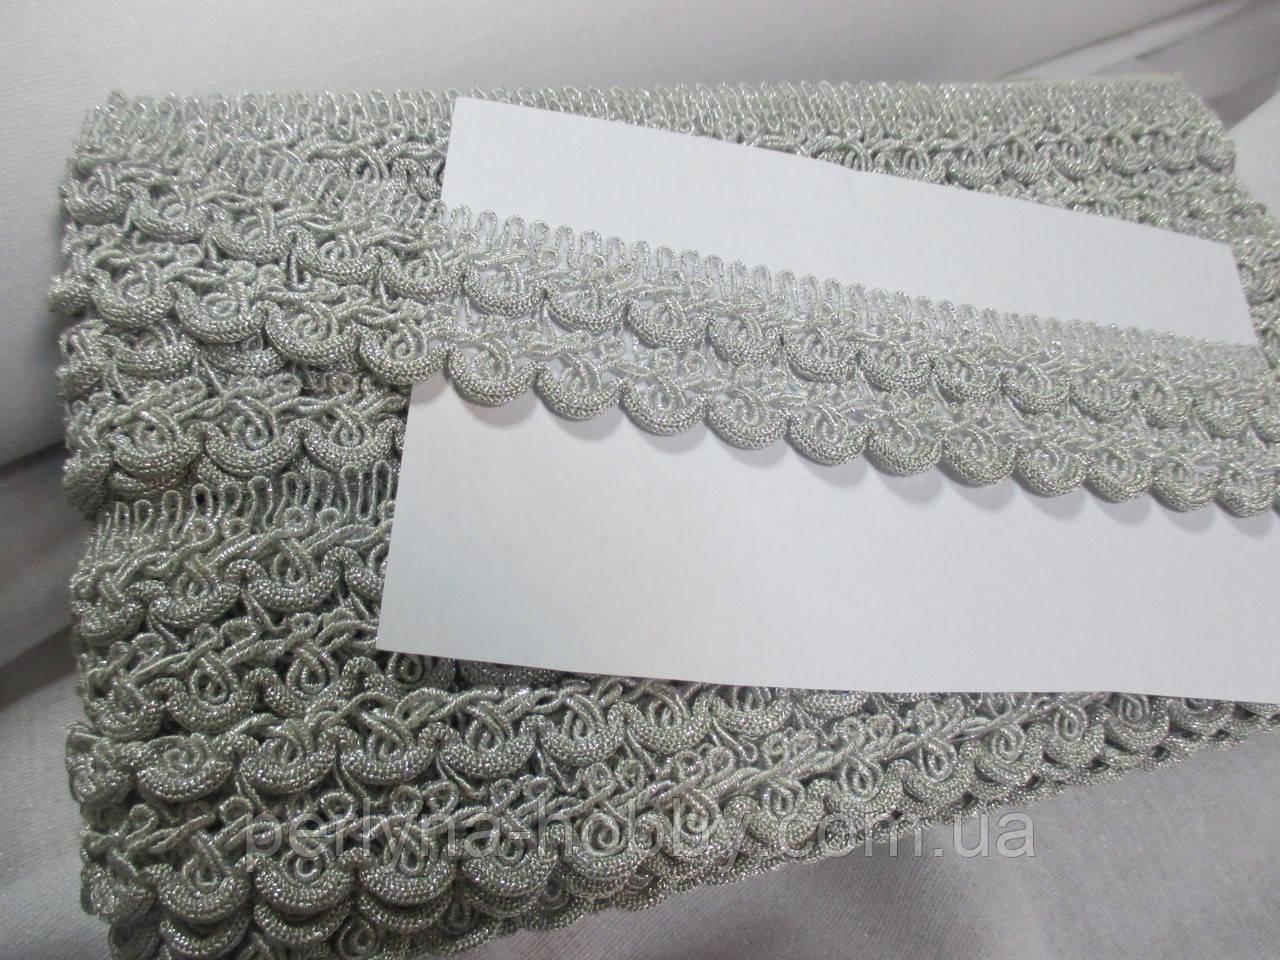 Тасьма декоративна люрекс срібло  3,5 см